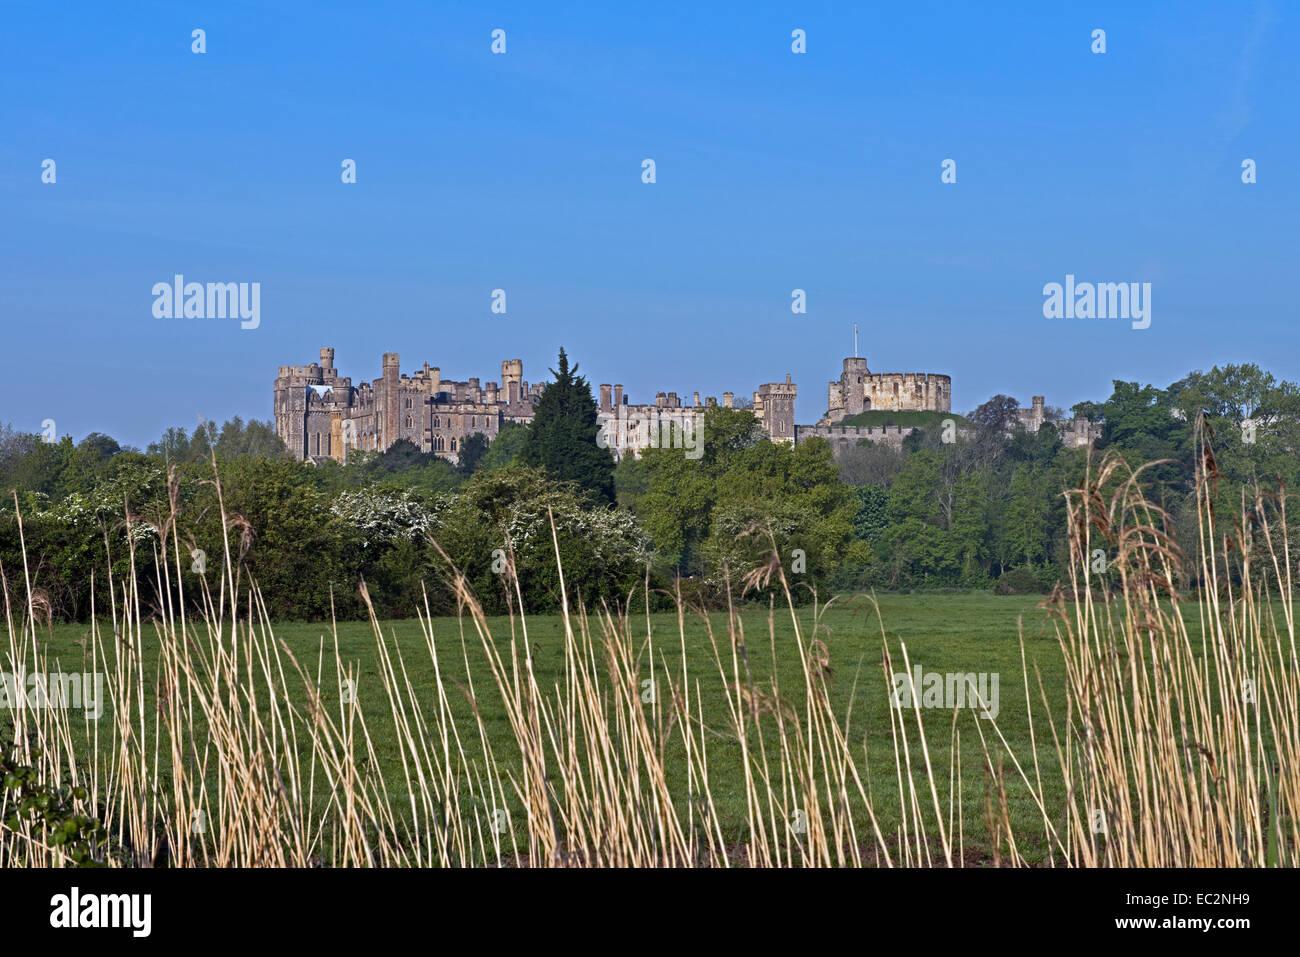 Eine Landschaftsansicht von Arundel Castle, West Sussex, England, Uk. Stockbild